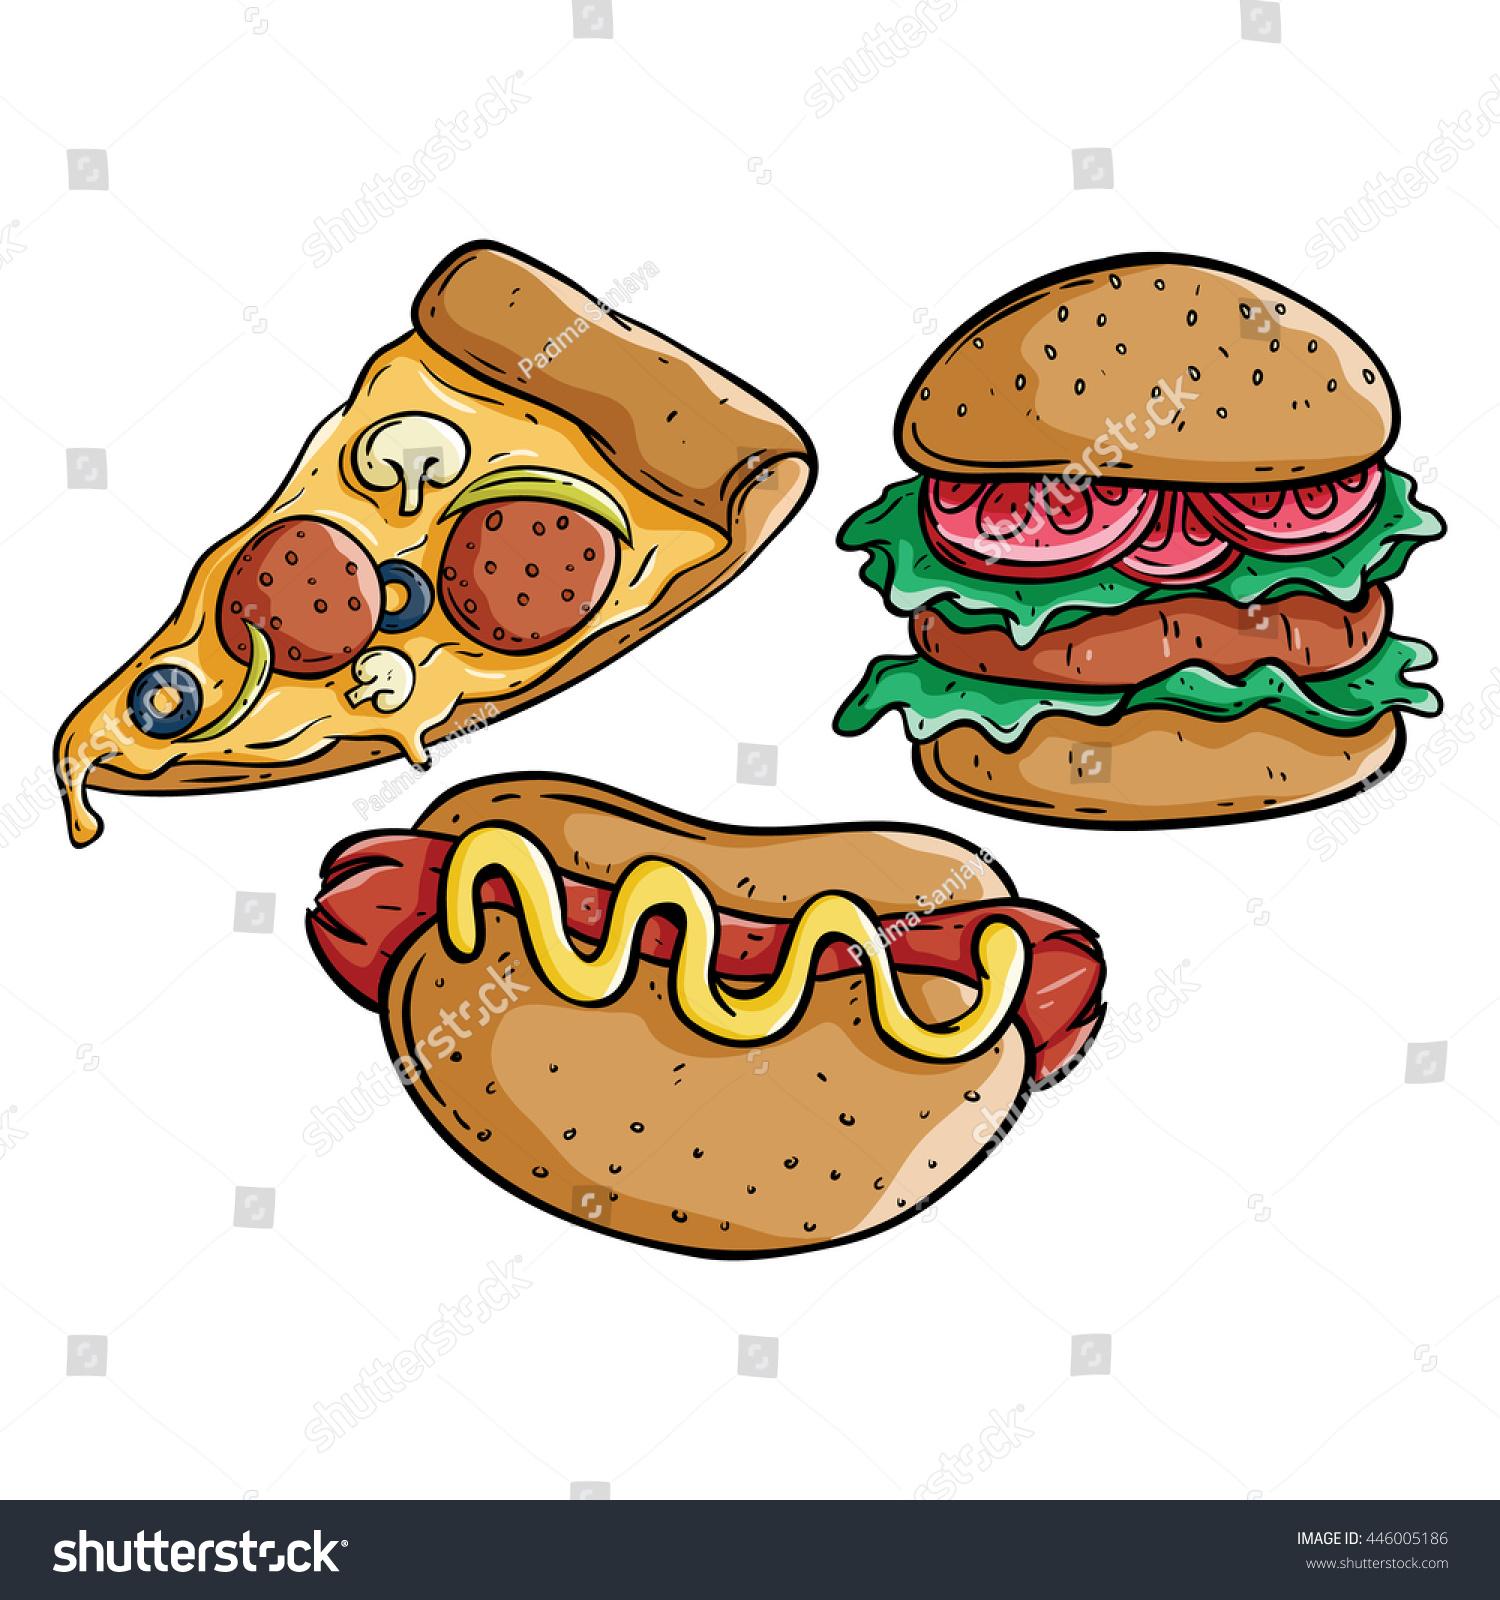 Burger clipart pizza Burger Burger Doodle clipart Pizza